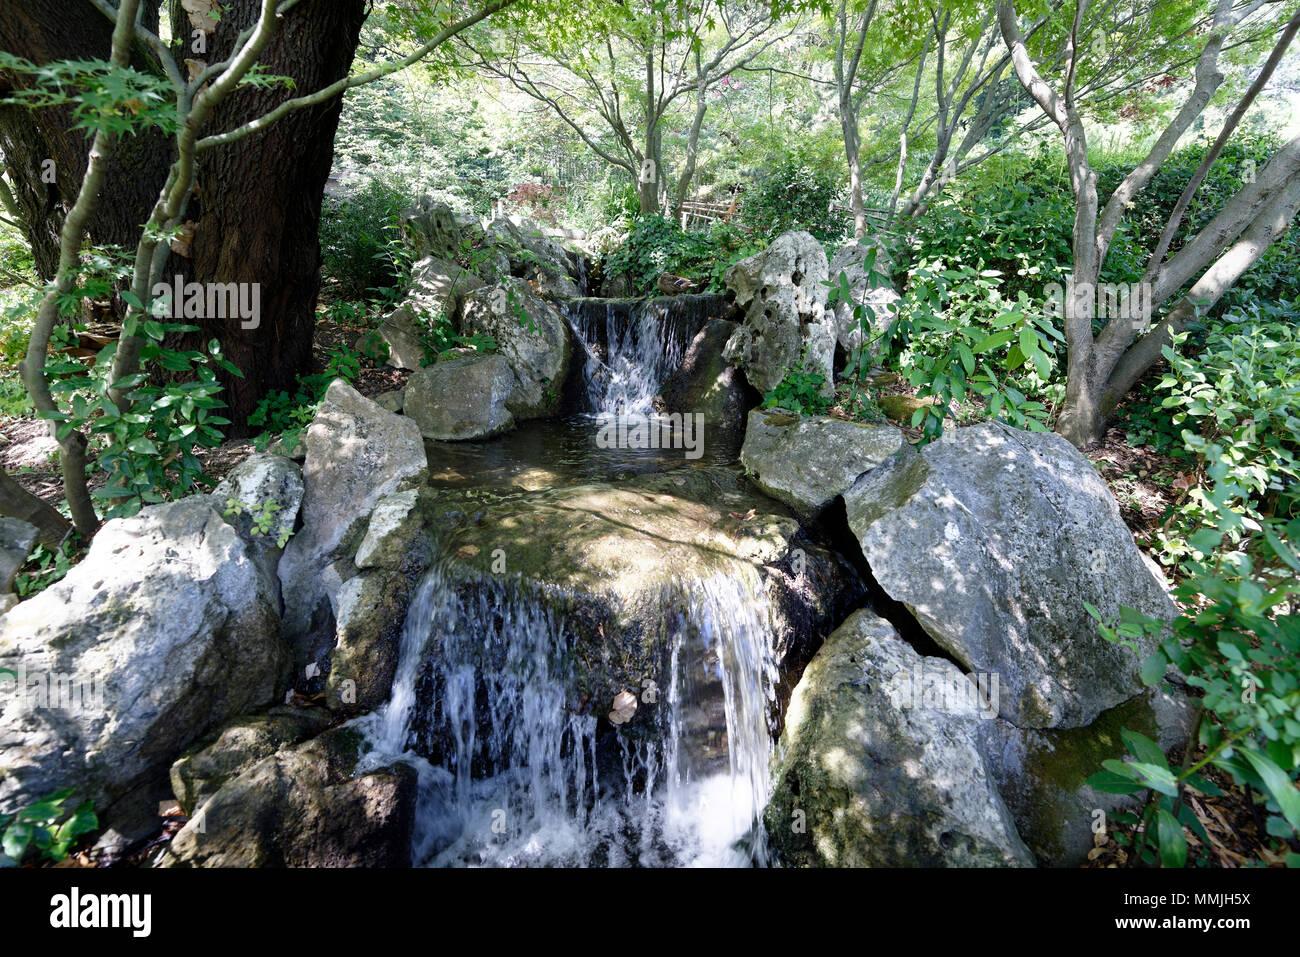 Una cascata del giardino giapponese orto botanico di roma o a